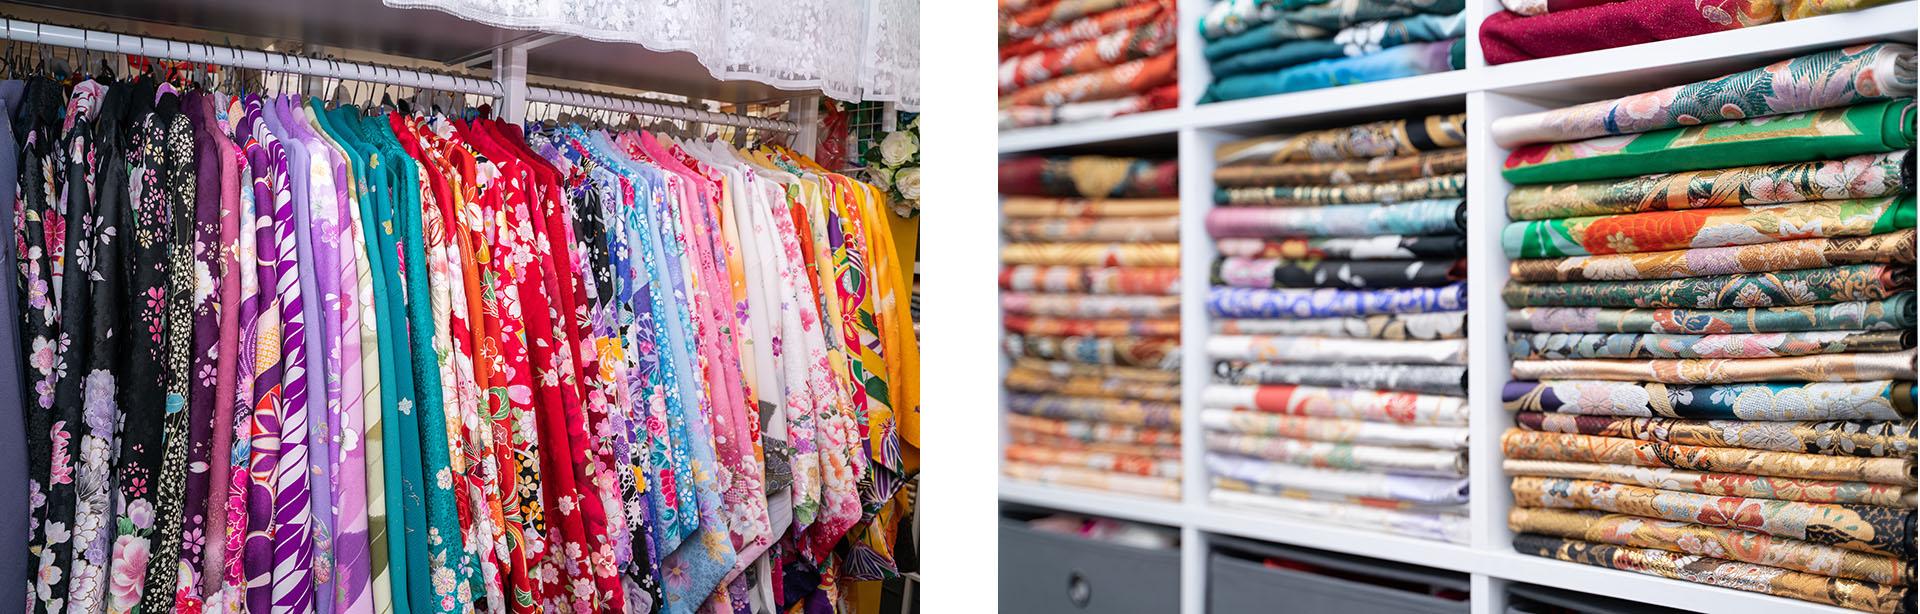 種類豊富な着物と帯がレンタル可能